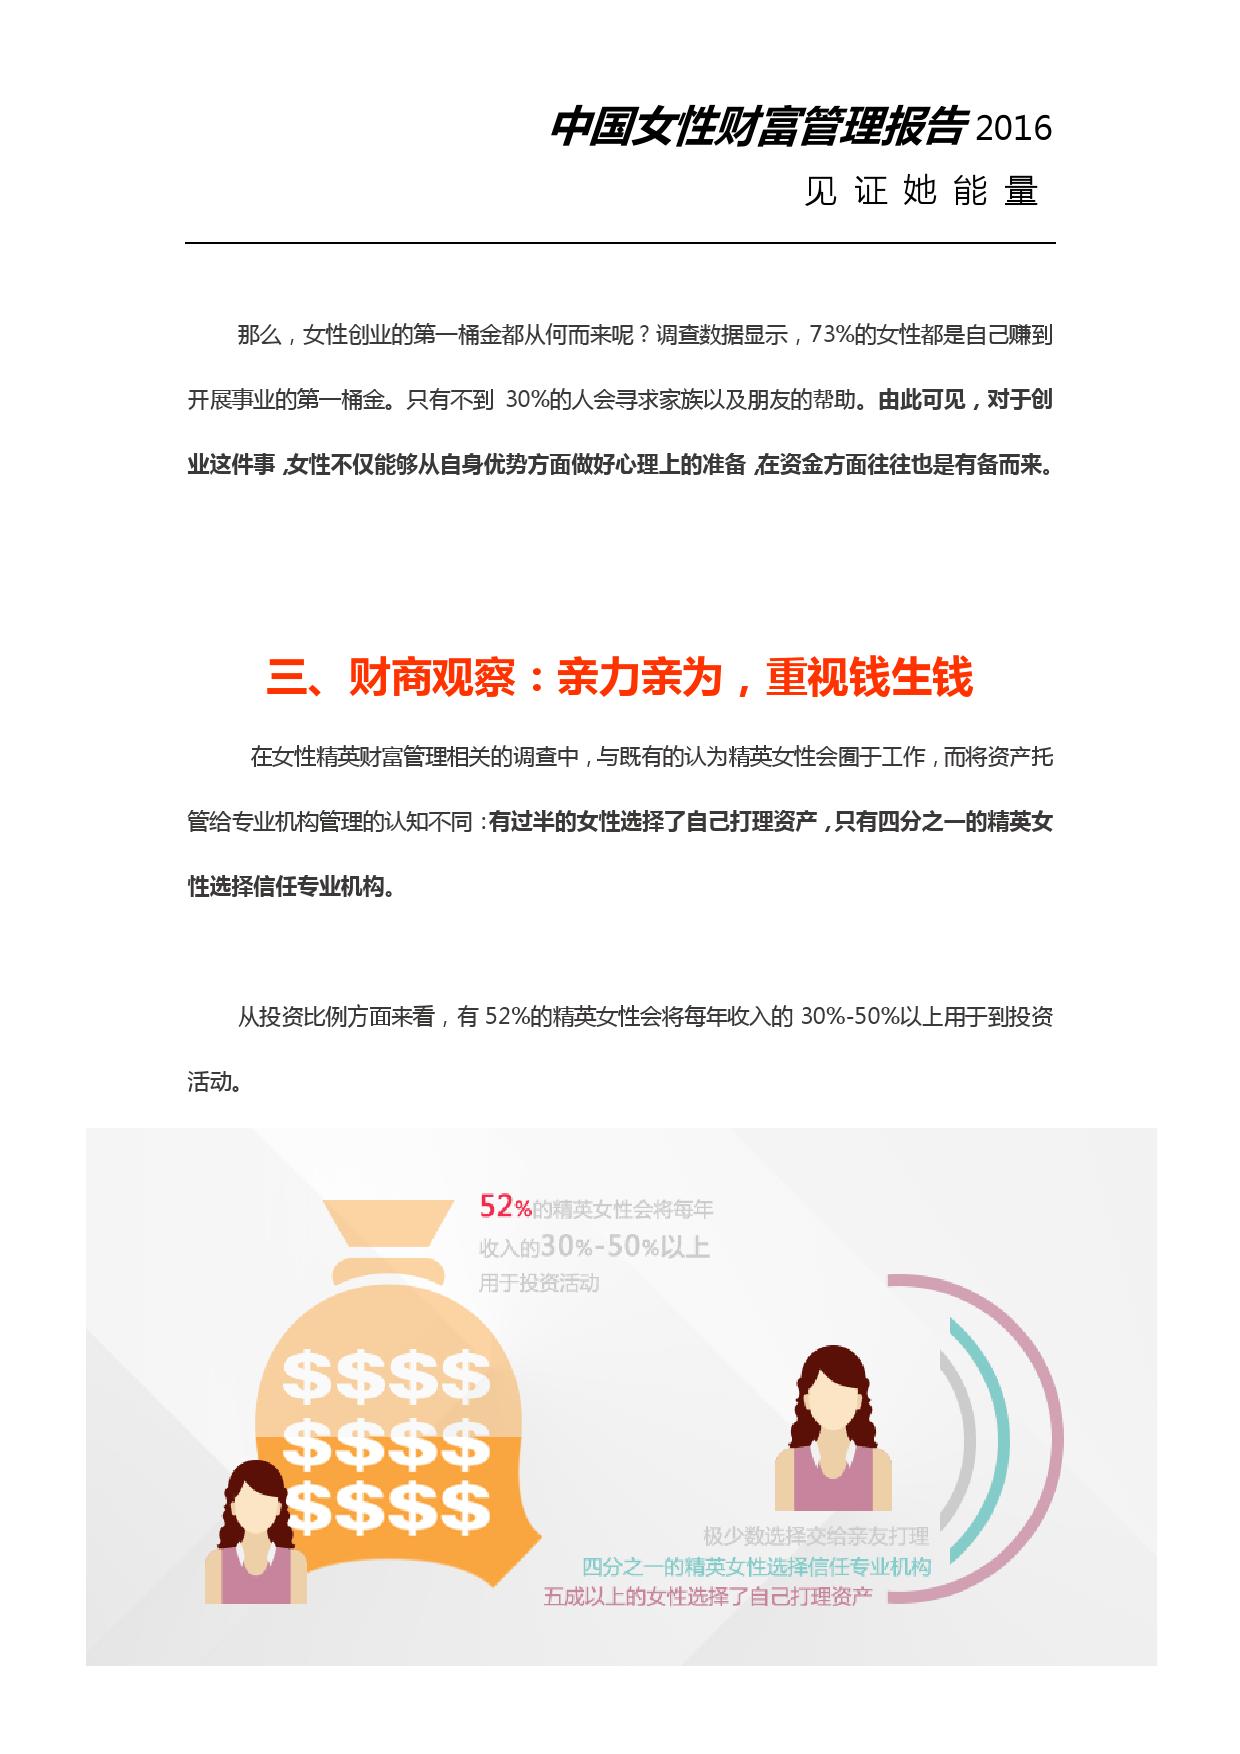 2016年中国女性财富管理报告_000008